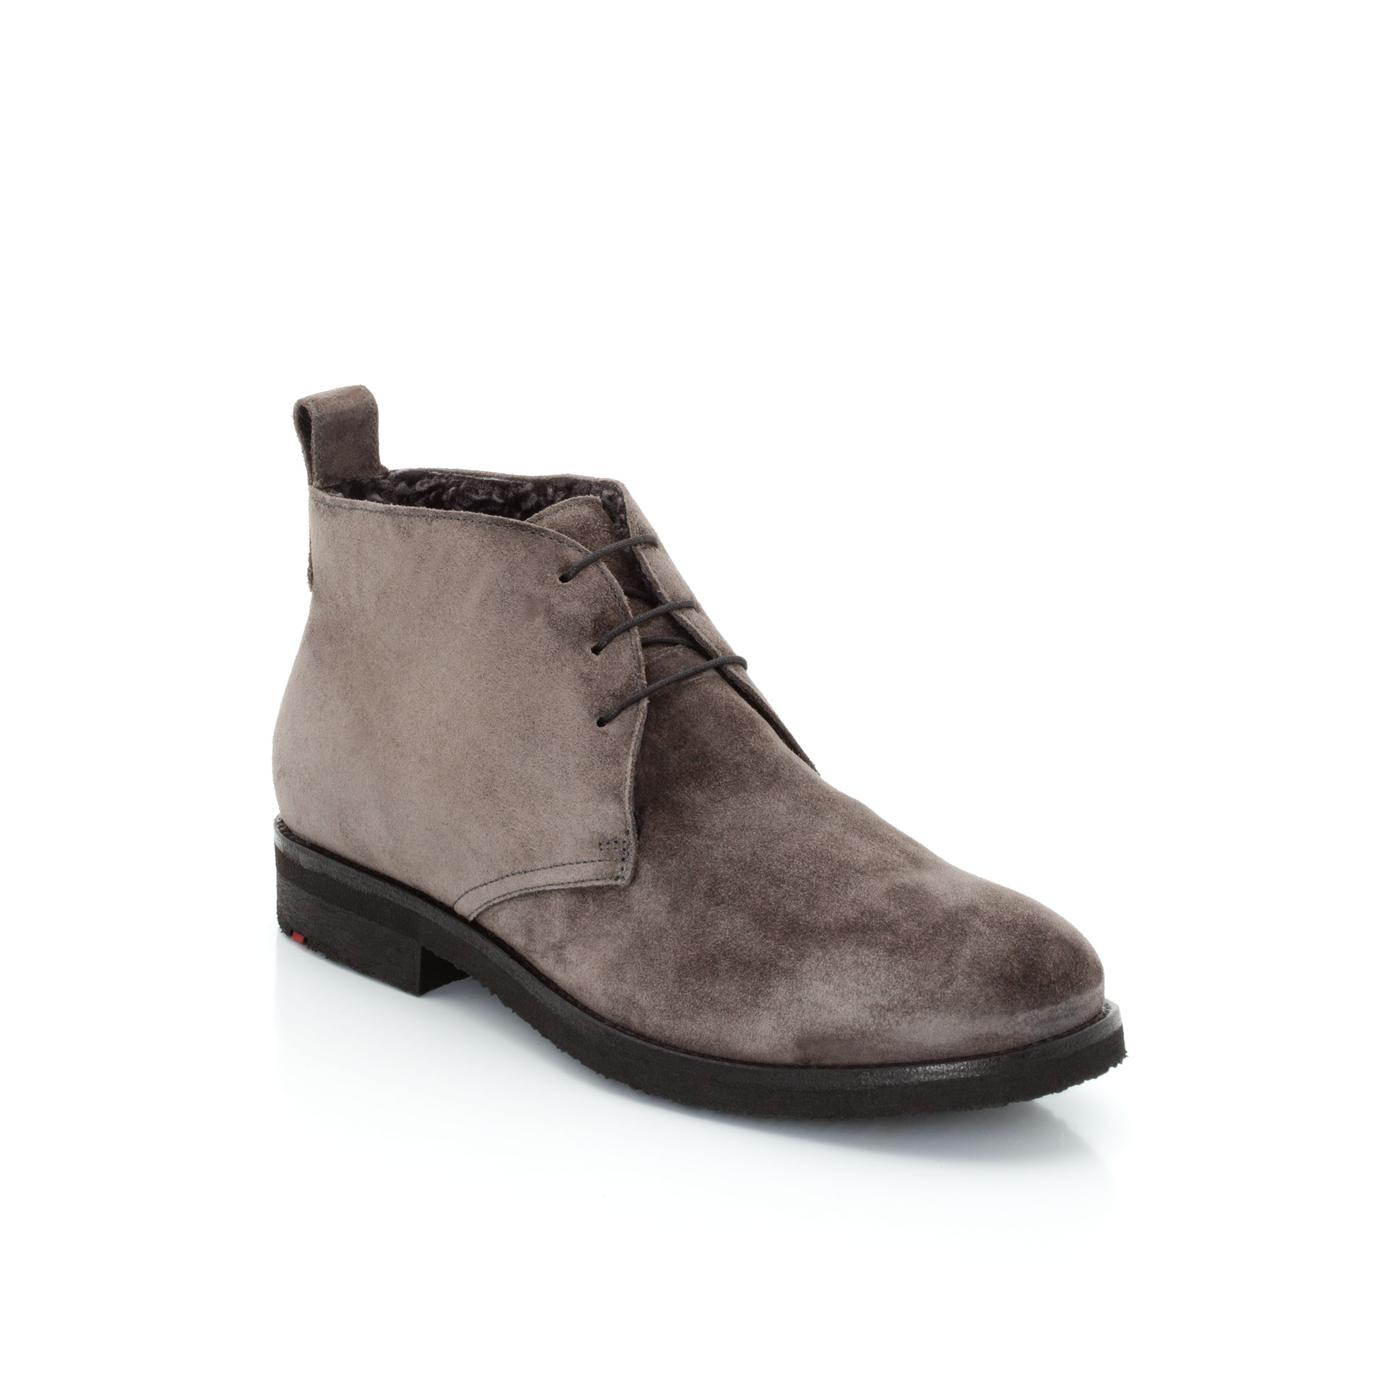 Stiefeletten | Schuhe > Stiefeletten | Grau | Rauleder -  lammfell (100%) | LLOYD